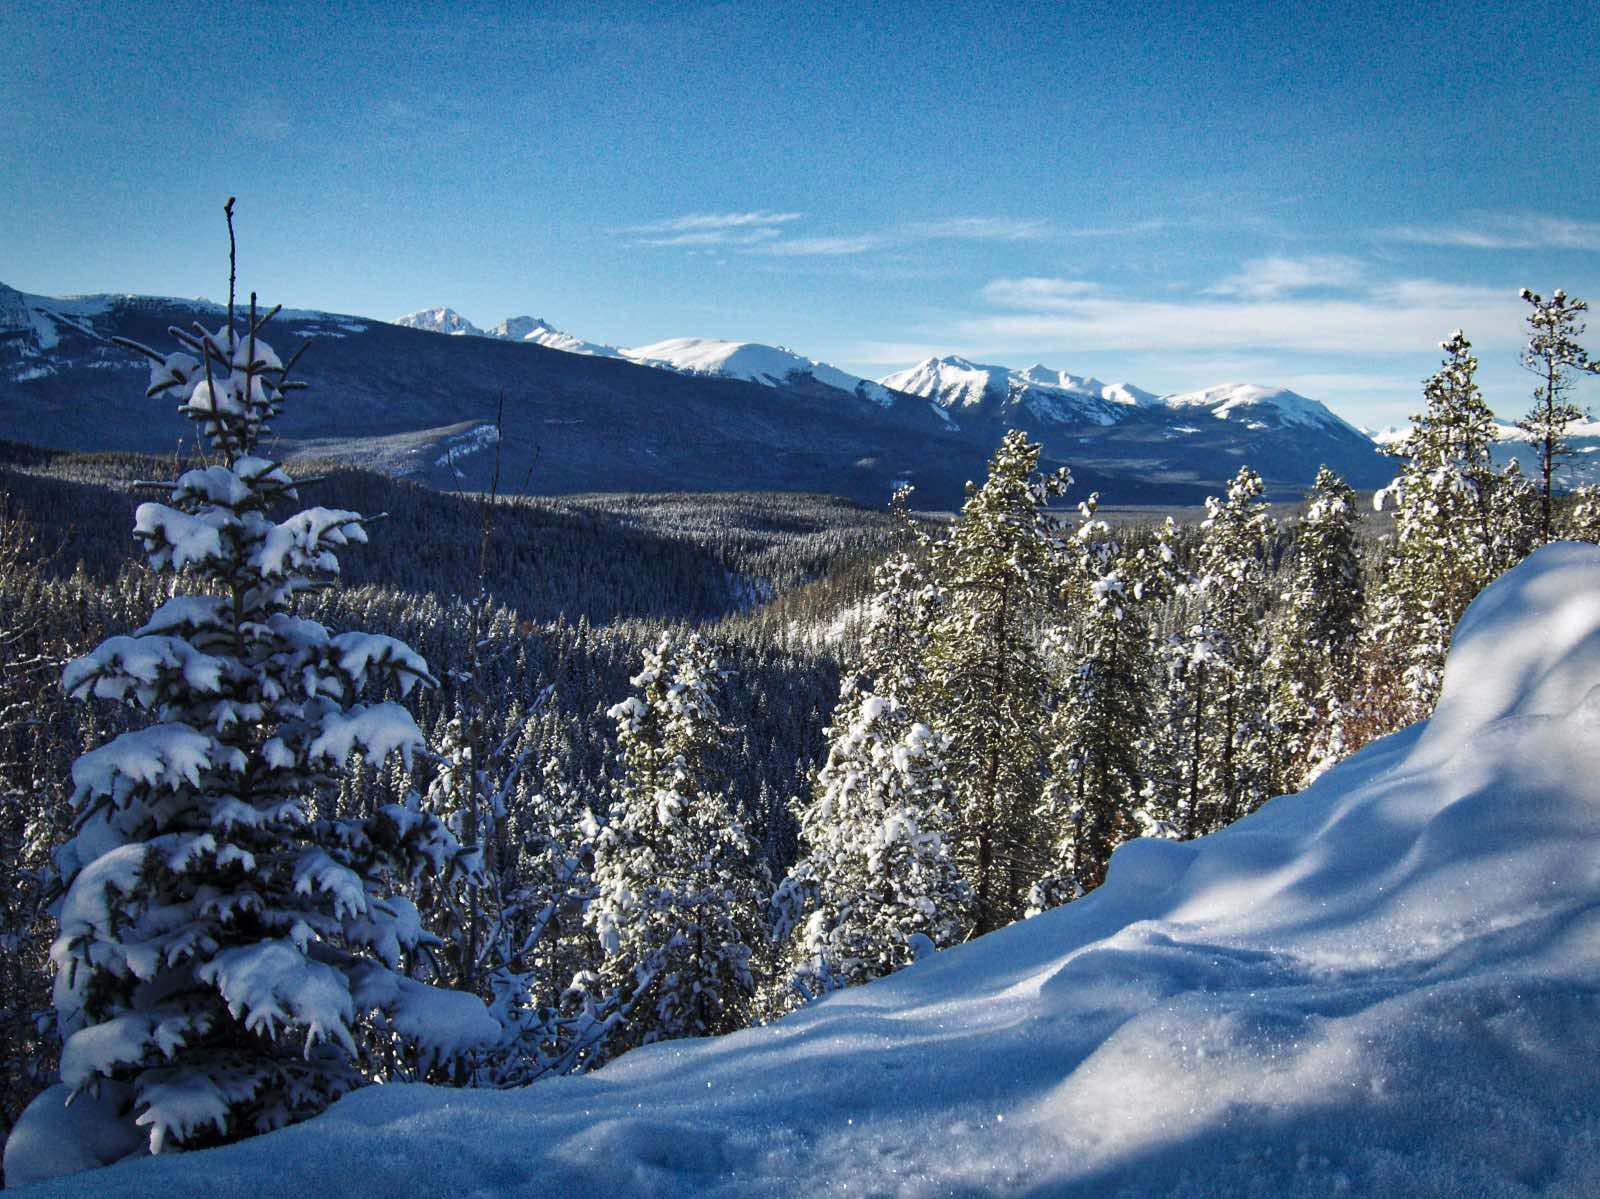 Die Fahrt durch die kanadische Winterlandschaft bietet grandiose Ausblicke.